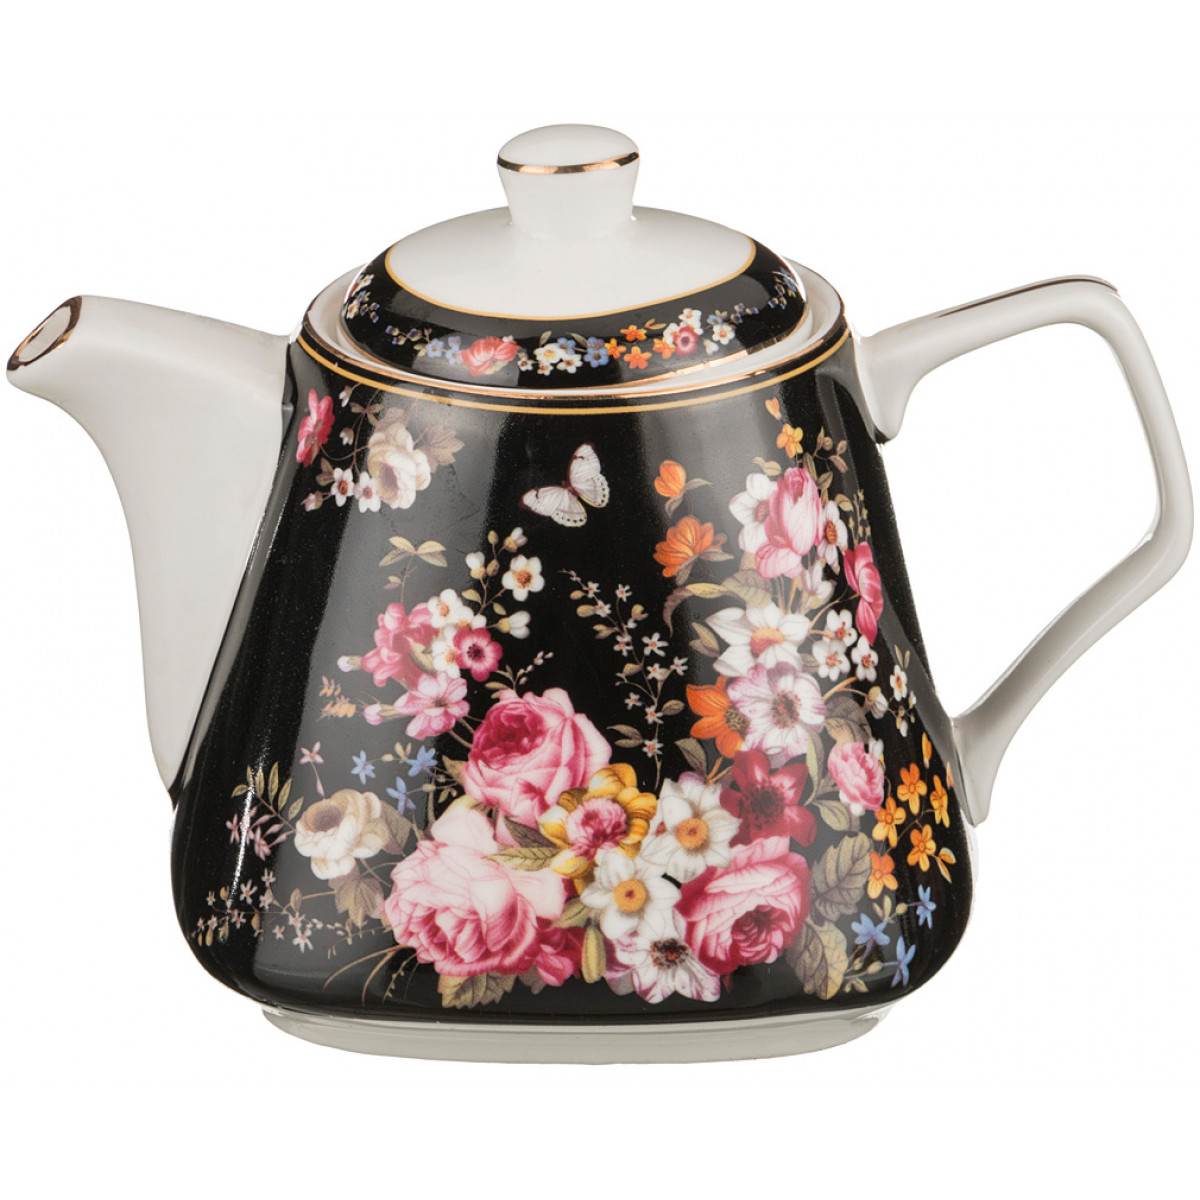 чайник заварочный hunan provincial лотос 600 мл {} Lefard Сервиз Sitare  (600 мл)